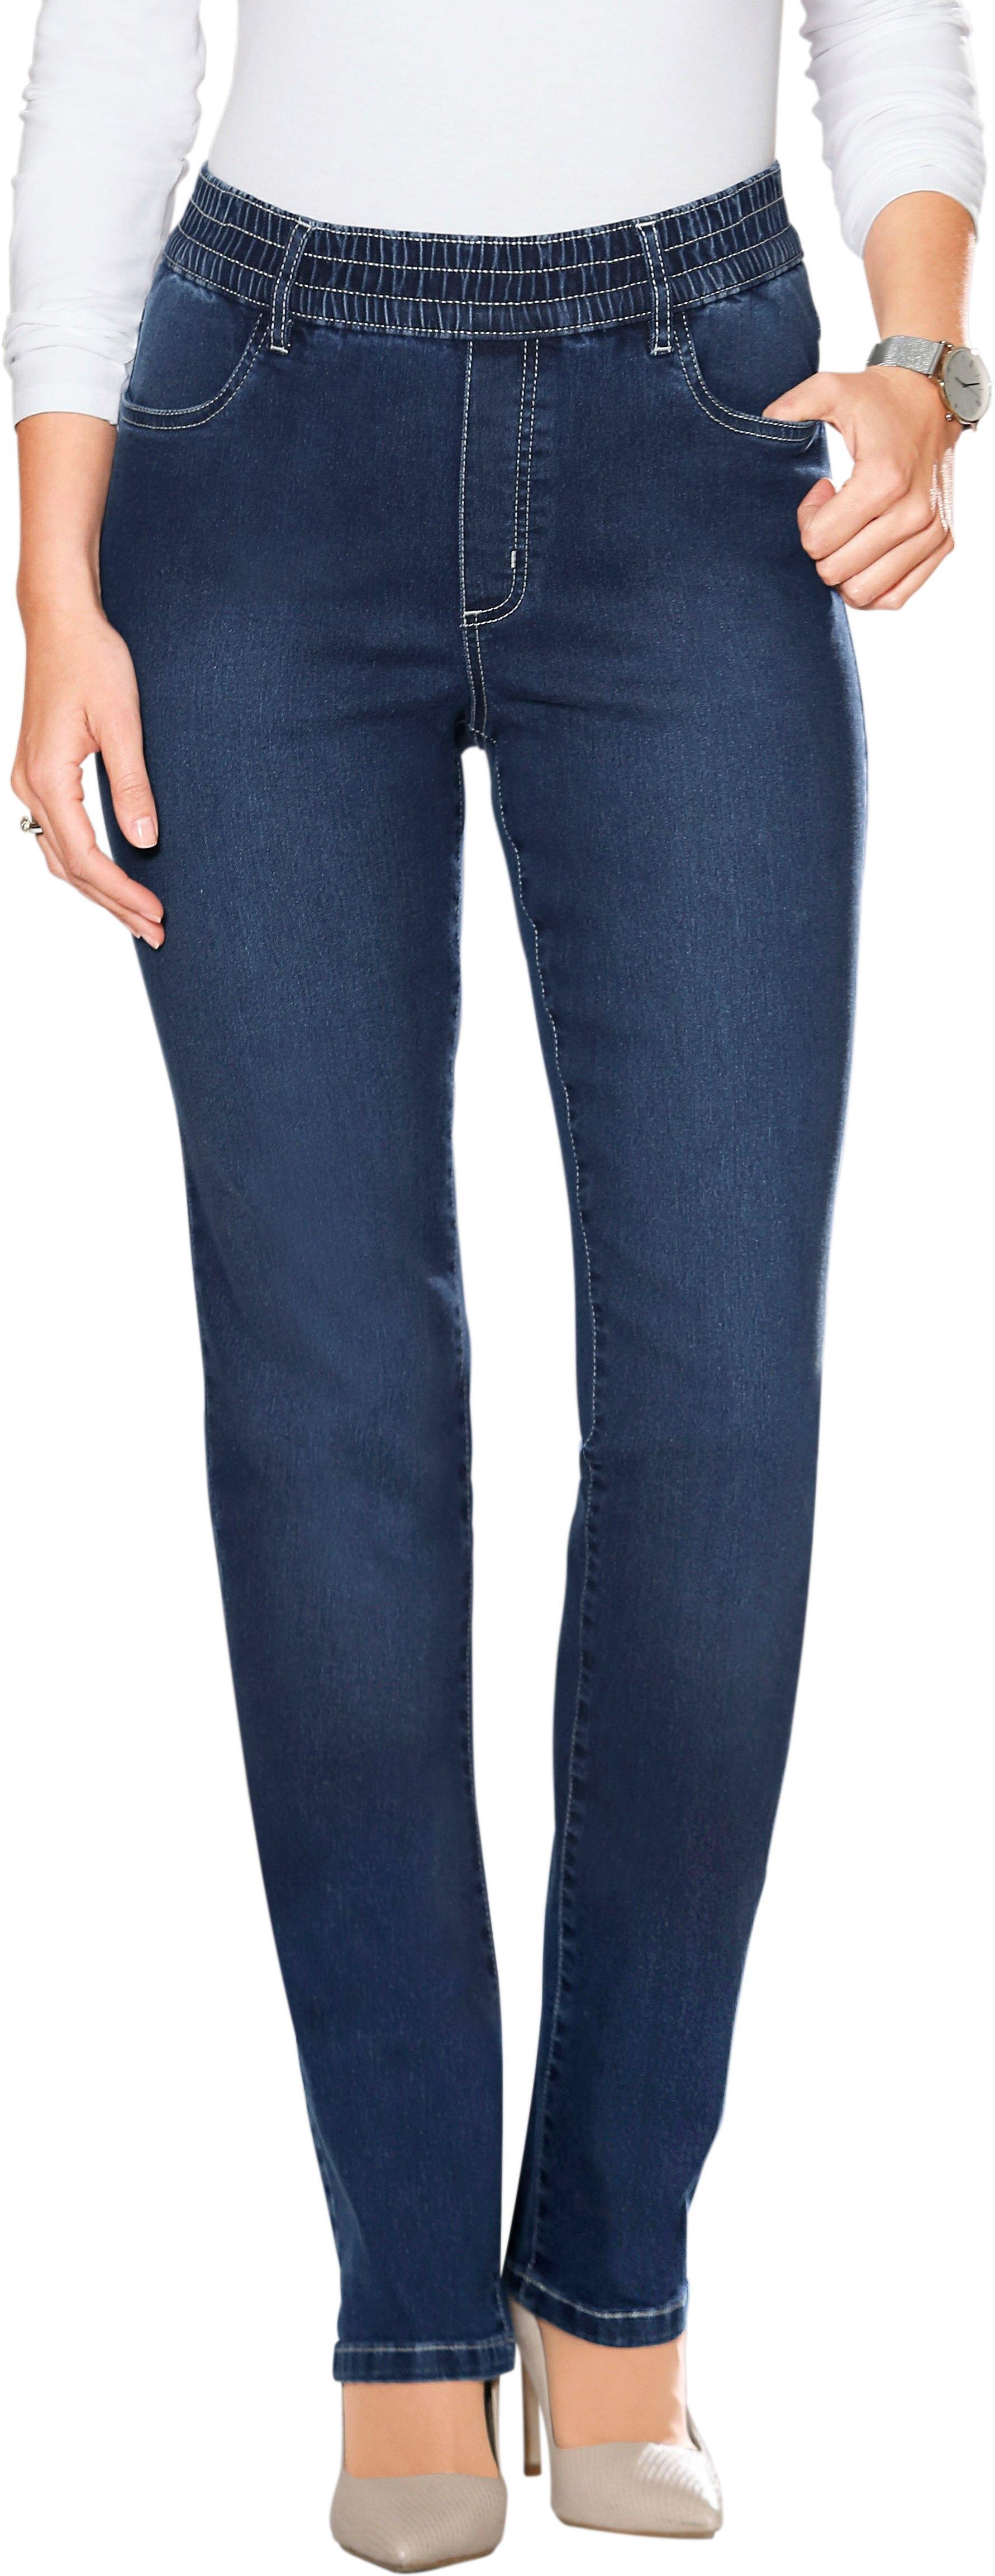 Classic Basics jeans met elastische band rondom veilig op otto.nl kopen